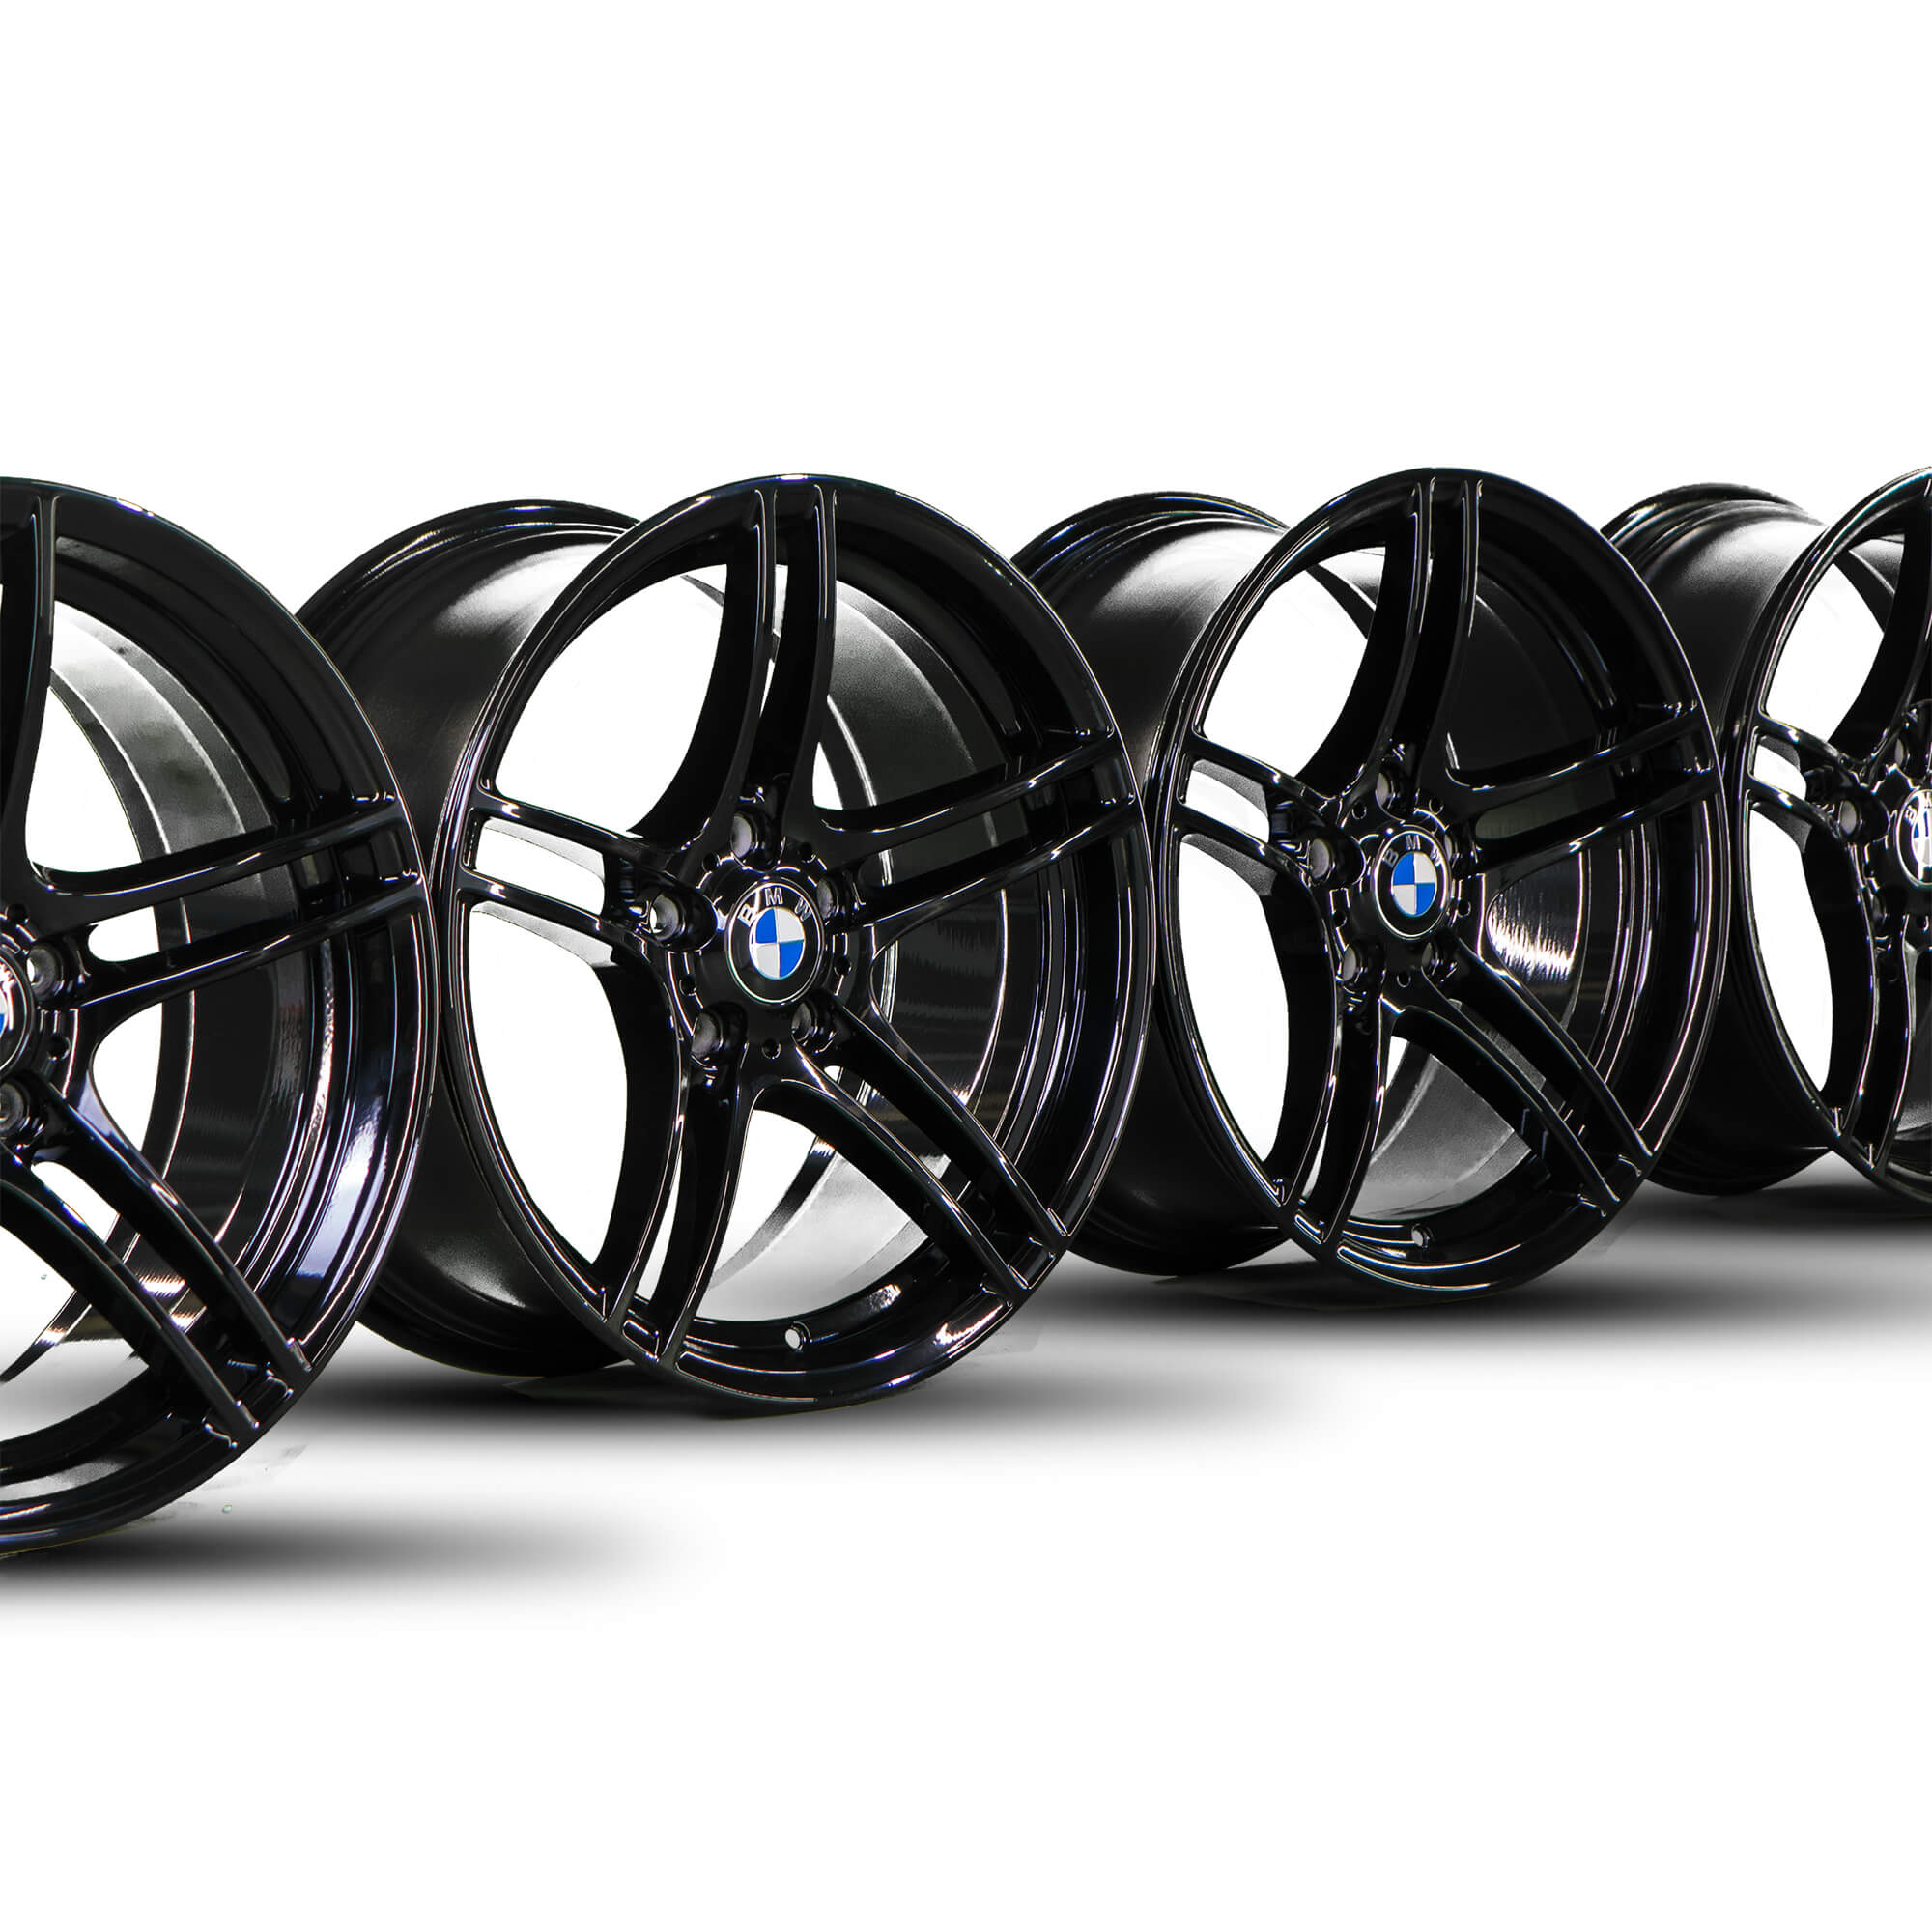 Bmw Z4 Custom Wheels: BMW 19 Inch Performance Wheel 313 Z4 E89 Alloy Rim Rims